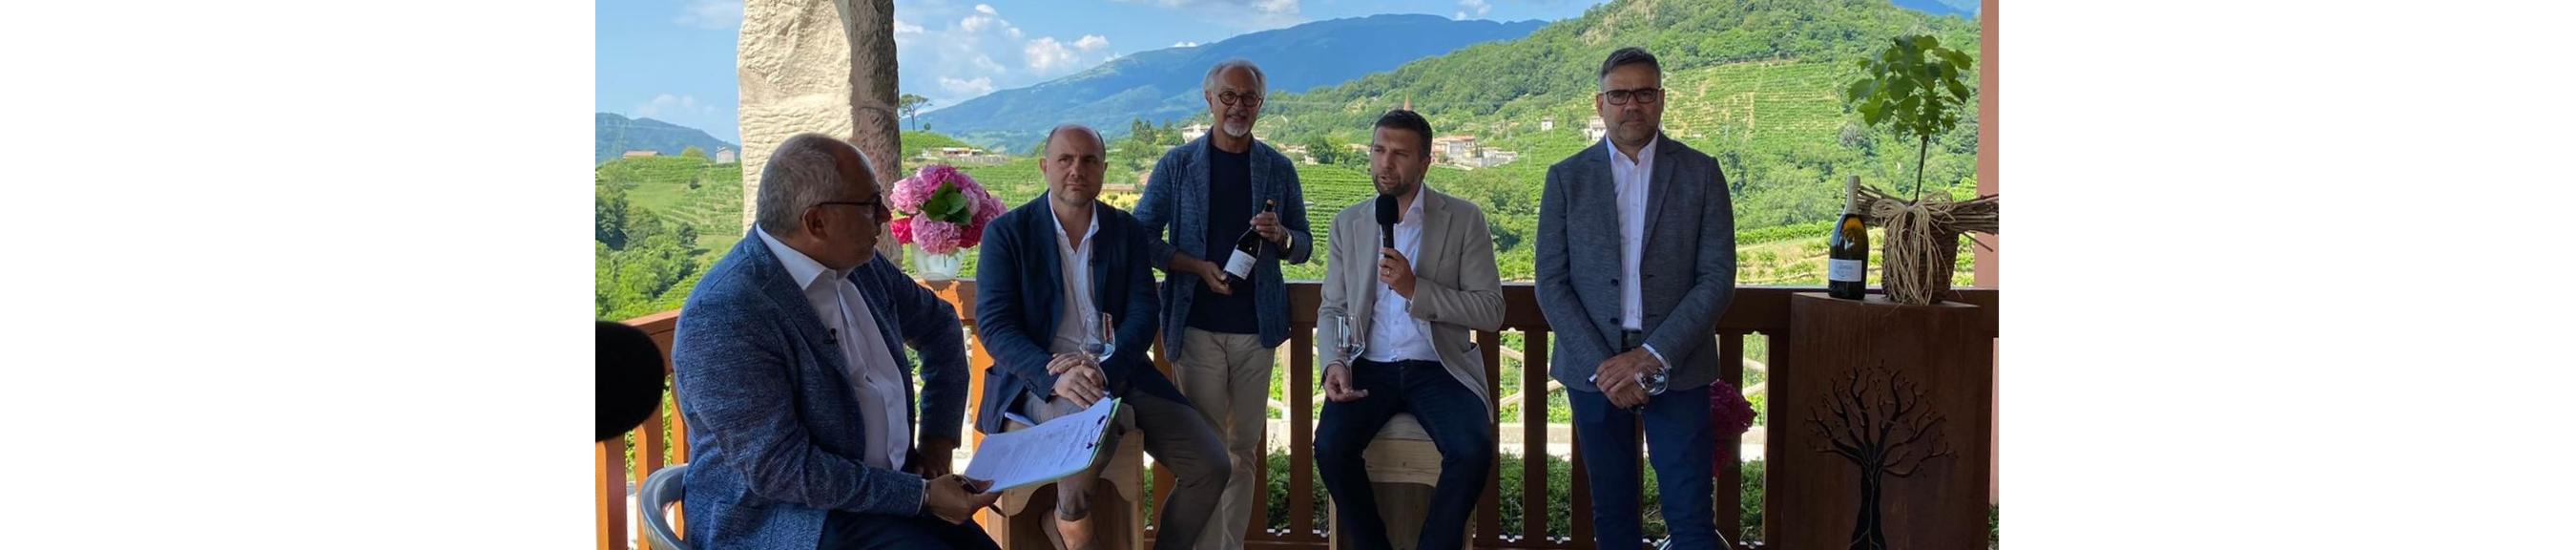 Cresce la consapevolezza e la voglia di fare rete. Le Pro Loco fanno numeri da record anche in Piemonte.